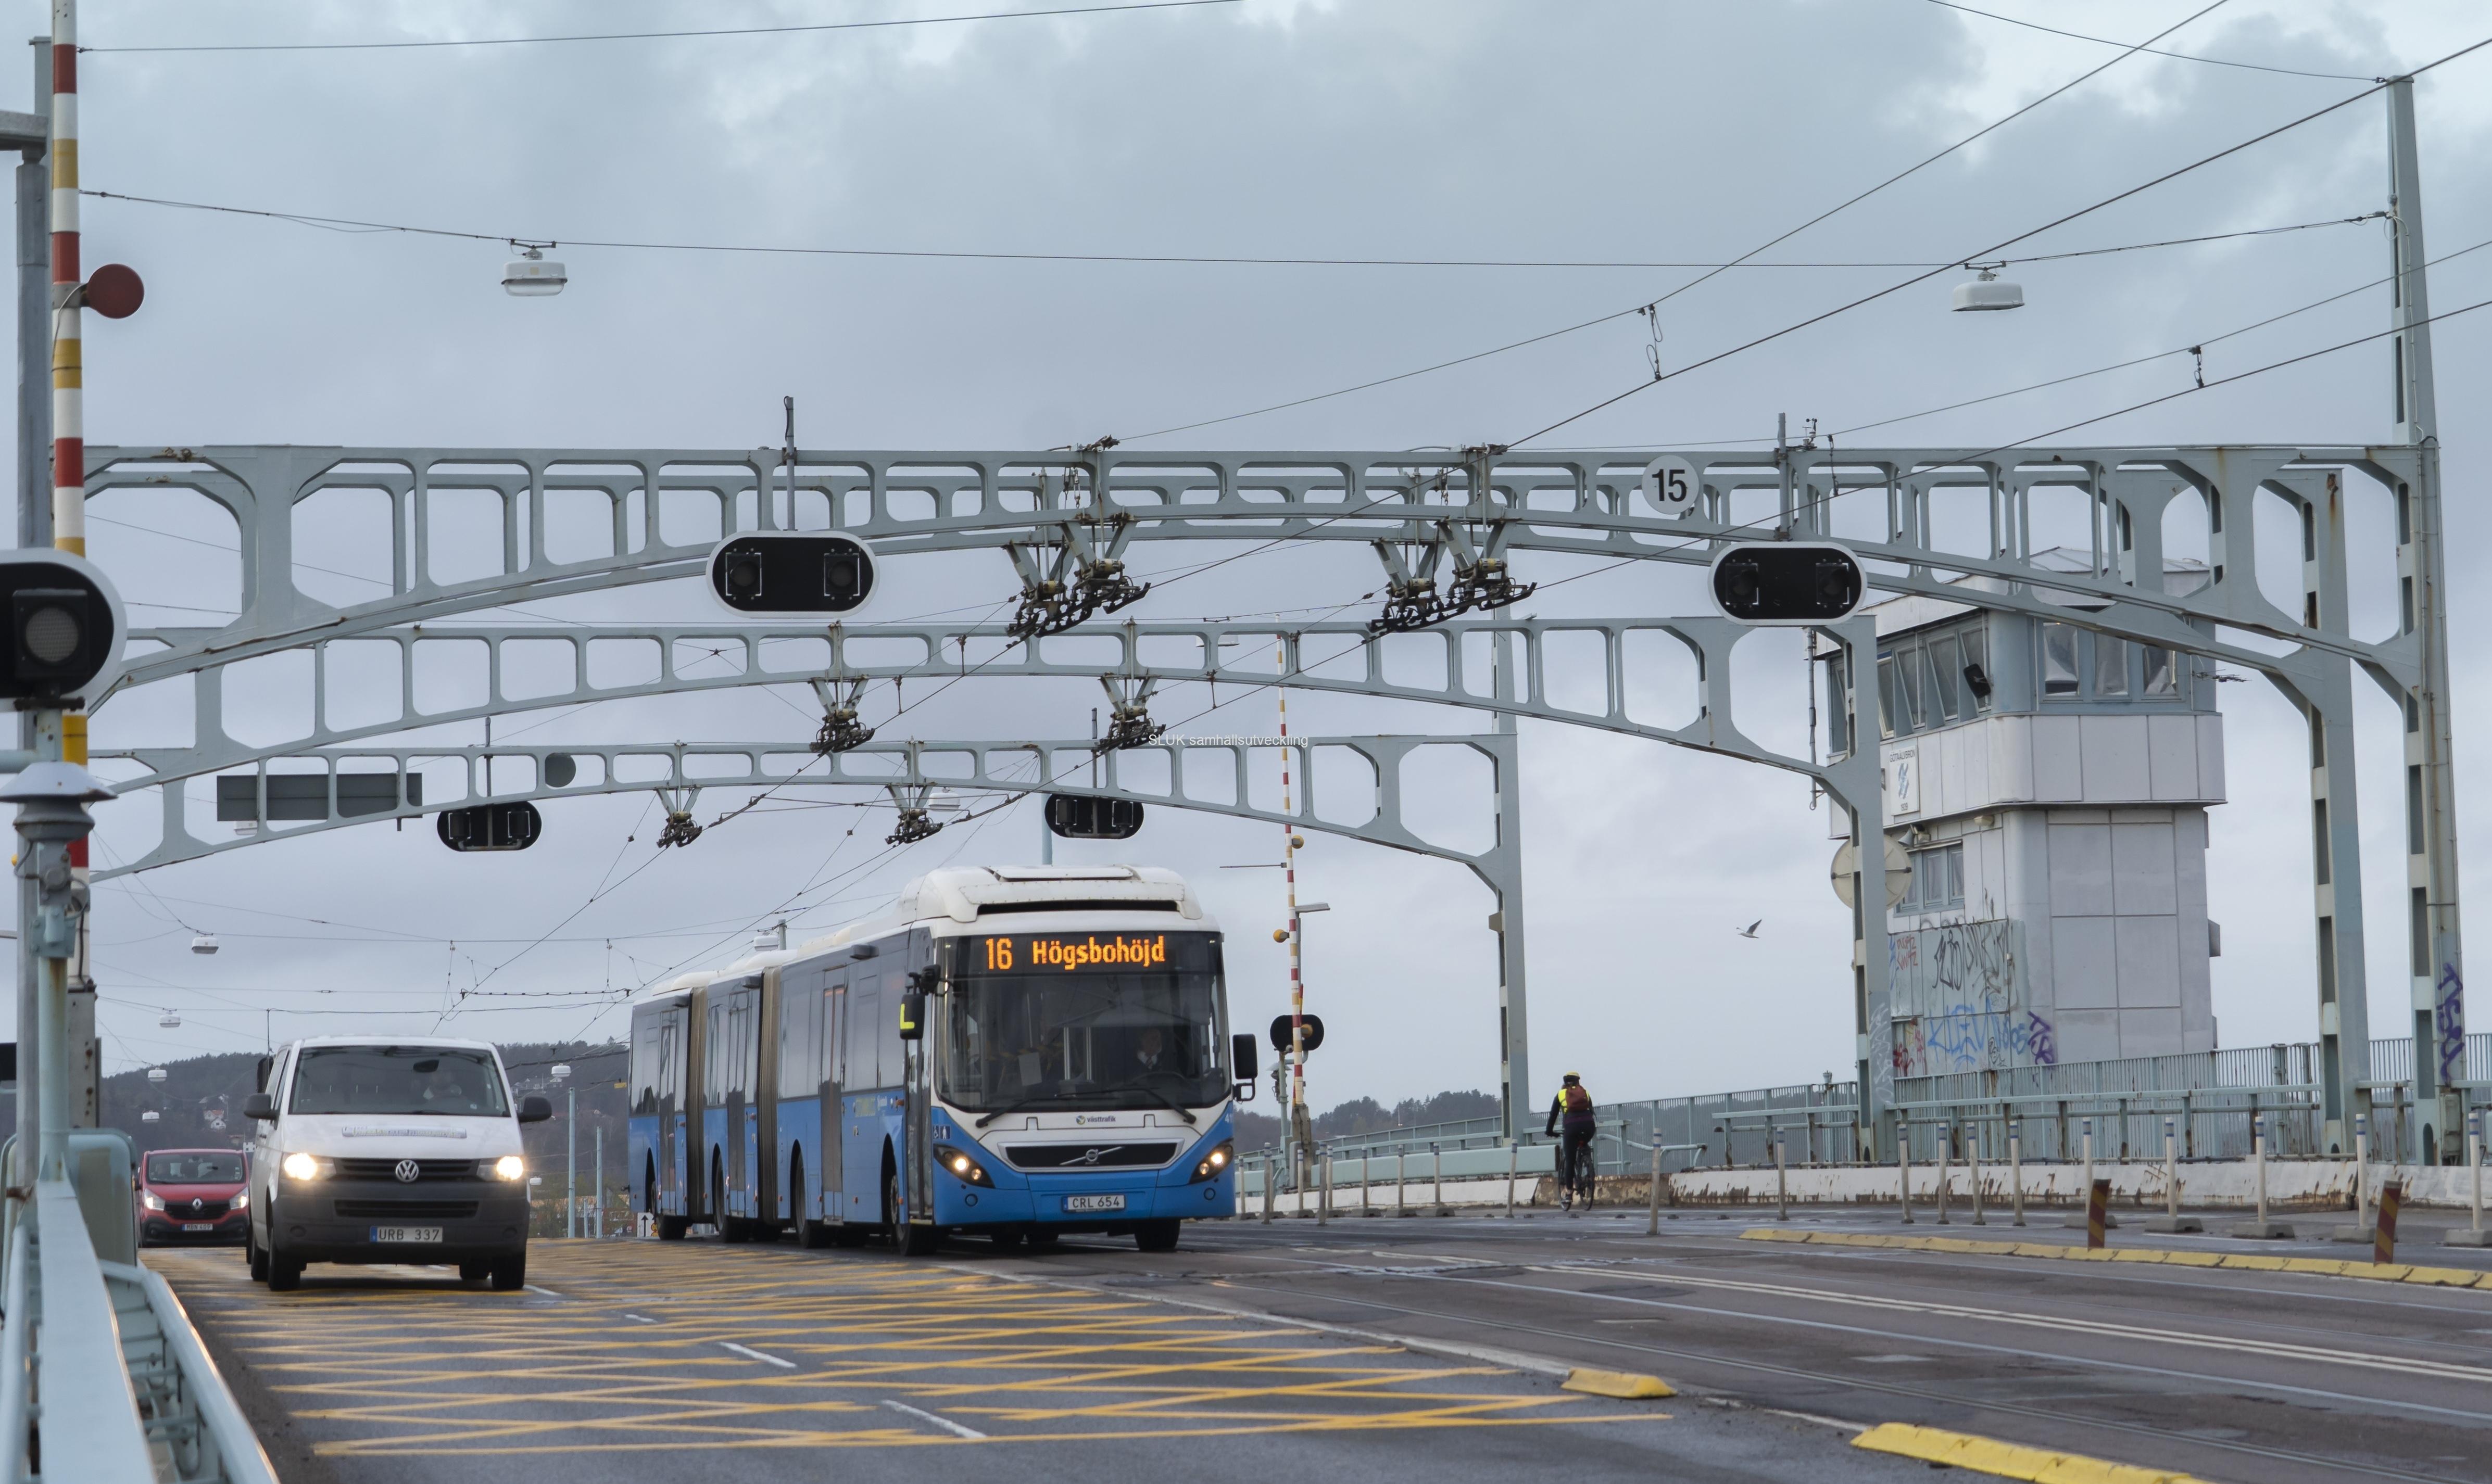 Trafik på Götaälvbron. Buss linje 16 mot Högsbohöjd passerar.